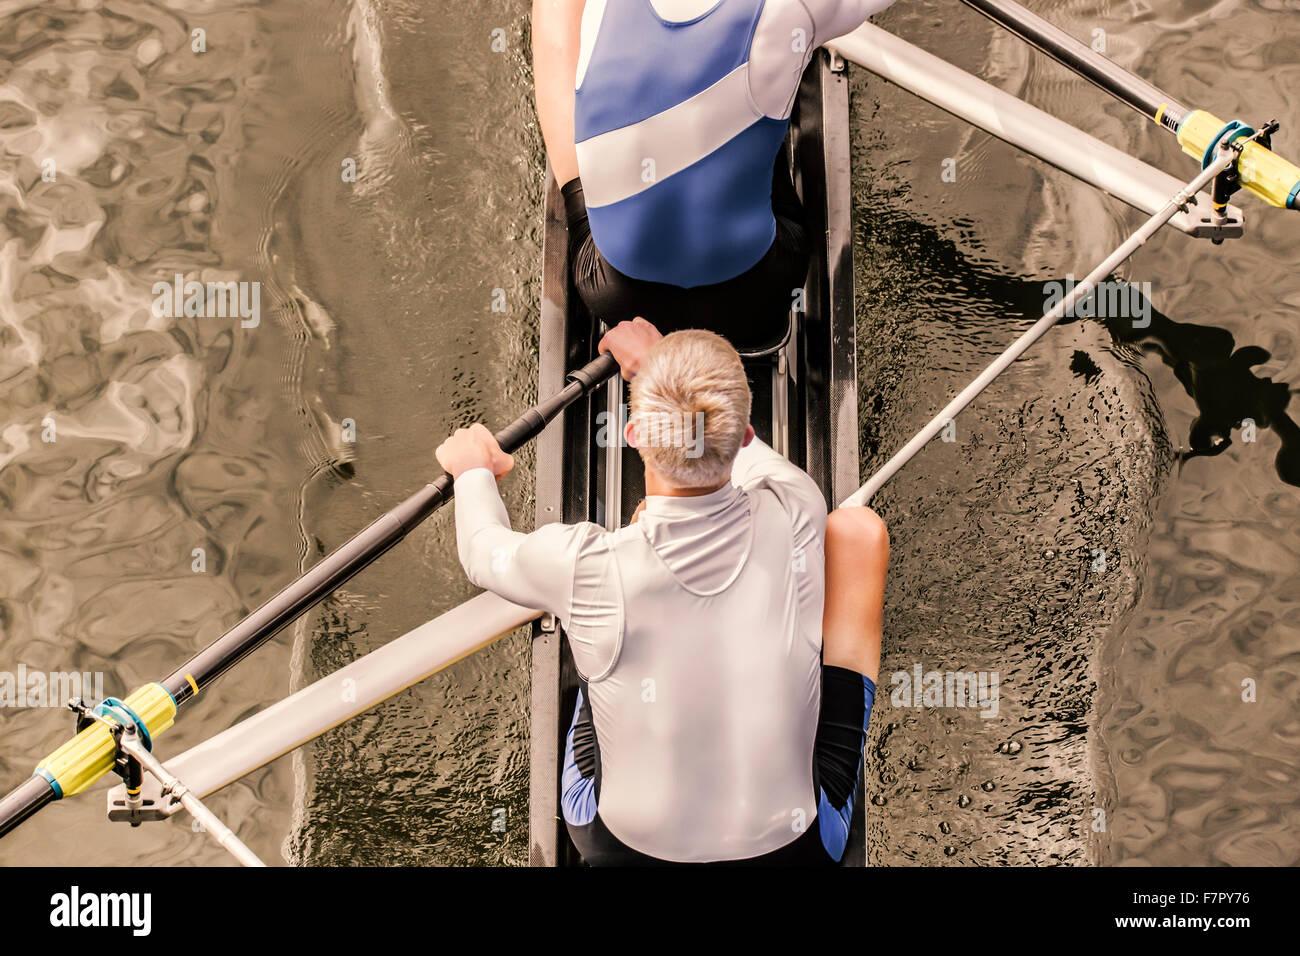 Vista dall'alto di due competizione atletica vogatore, che la loro corsa paddle attraverso l'acqua. Immagini Stock